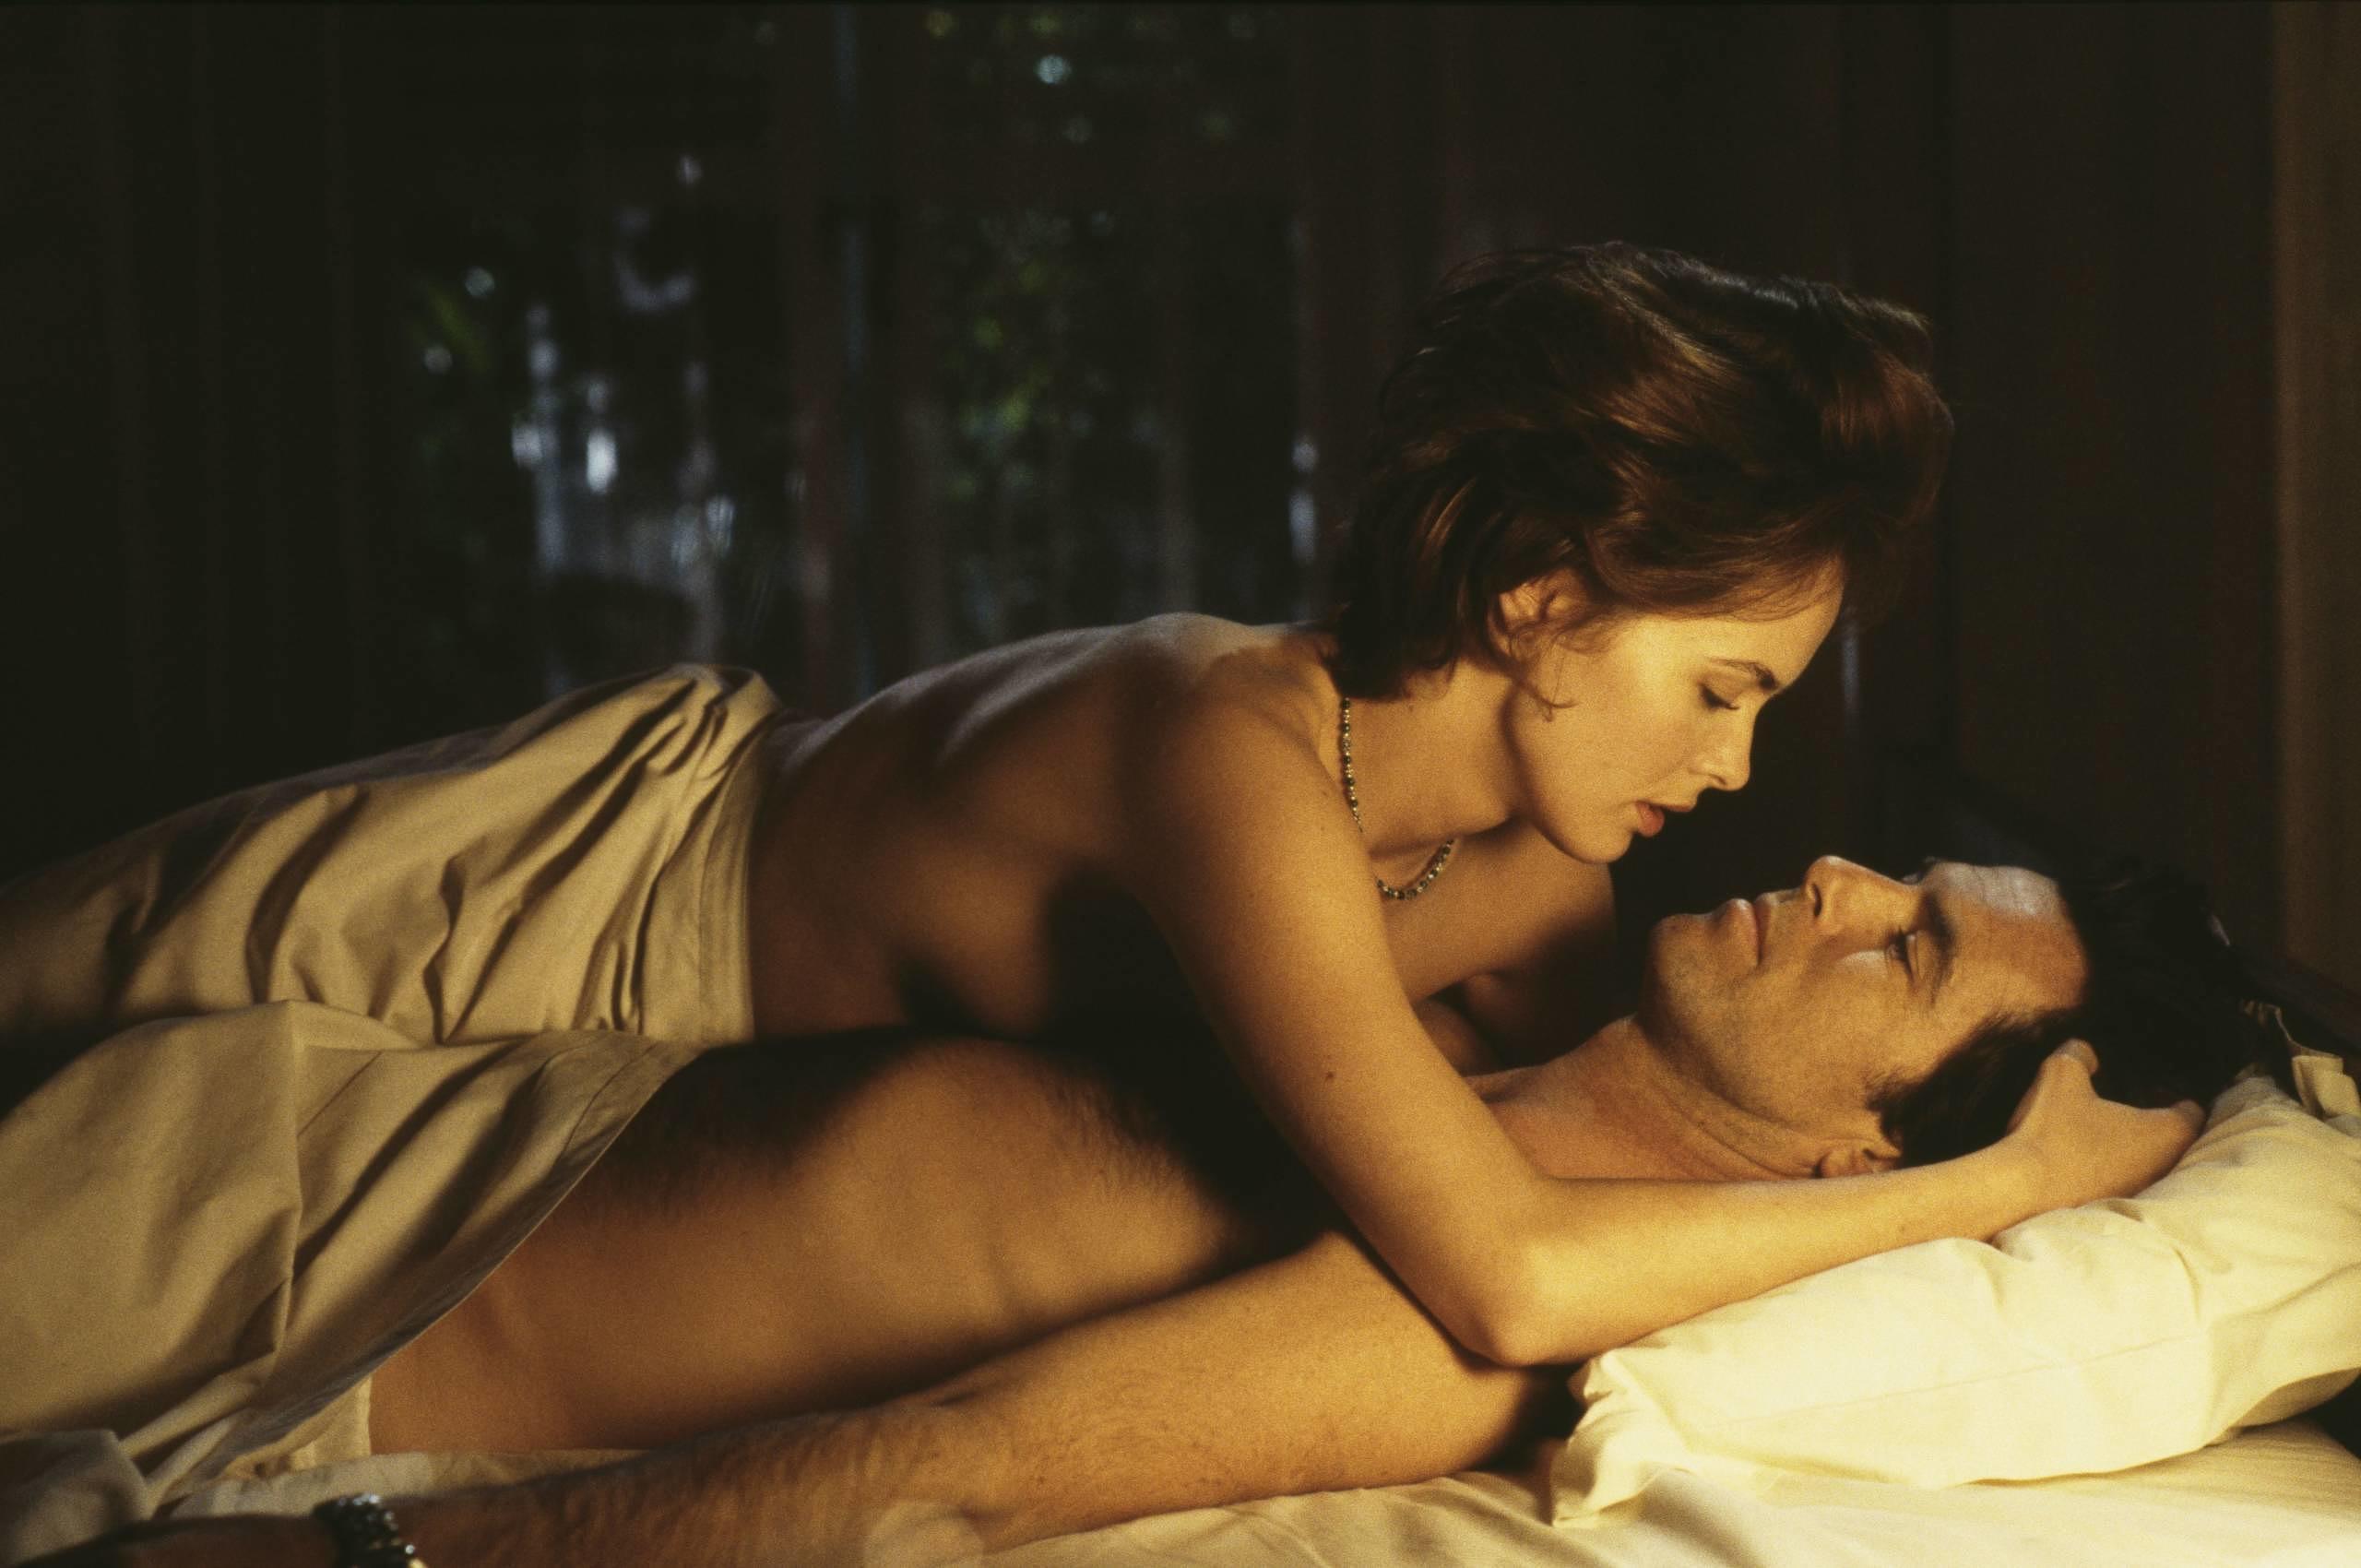 The Sex Adventure +18 | Erotic Classic Movie | Full Movie